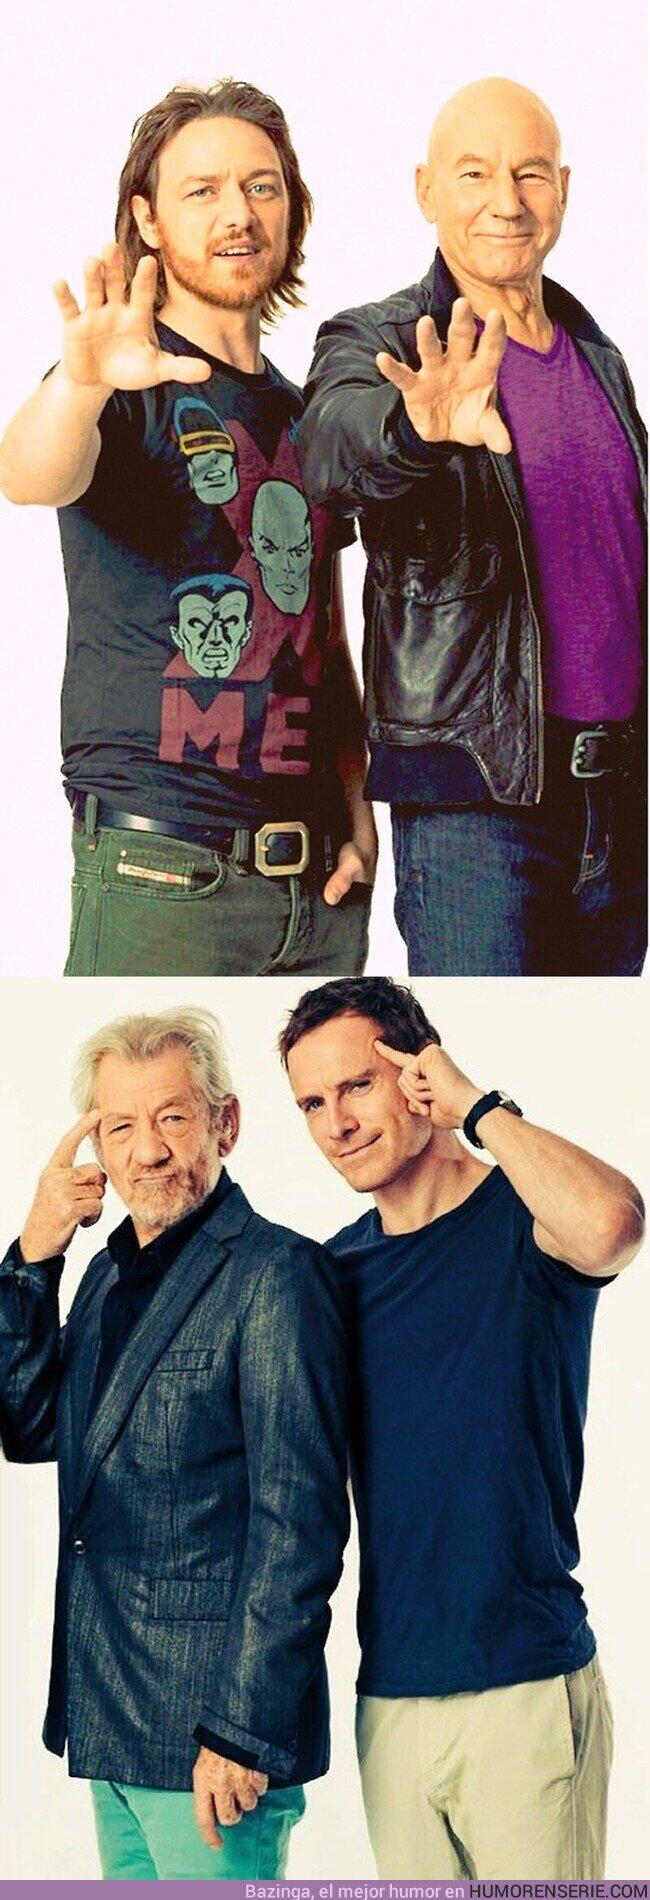 54512 - Si tenéis que elegir, ¿de que equipo sois? ¿Charles o Magneto?